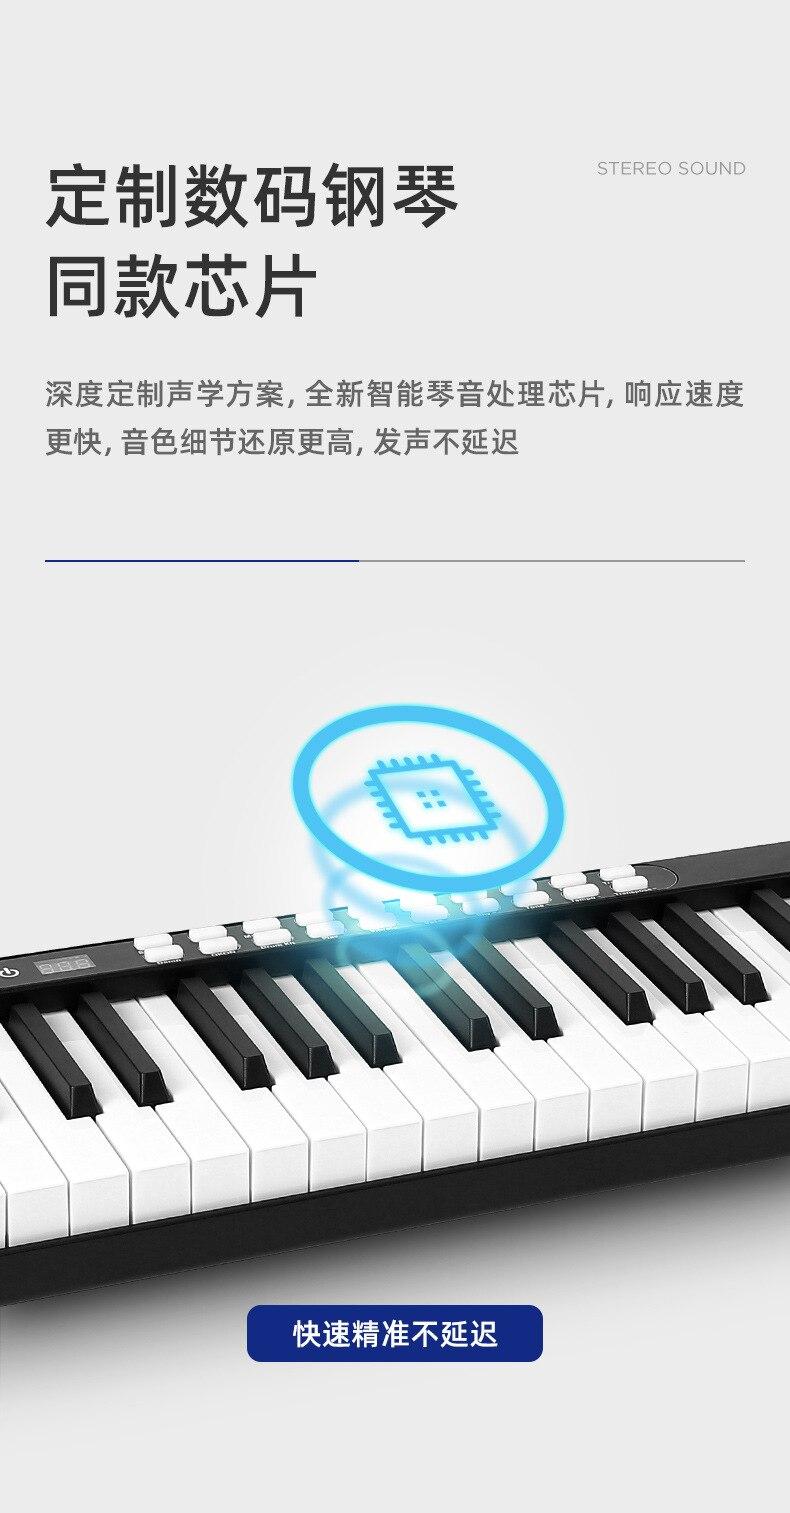 Piano digital portátil com 88 teclas, controlador